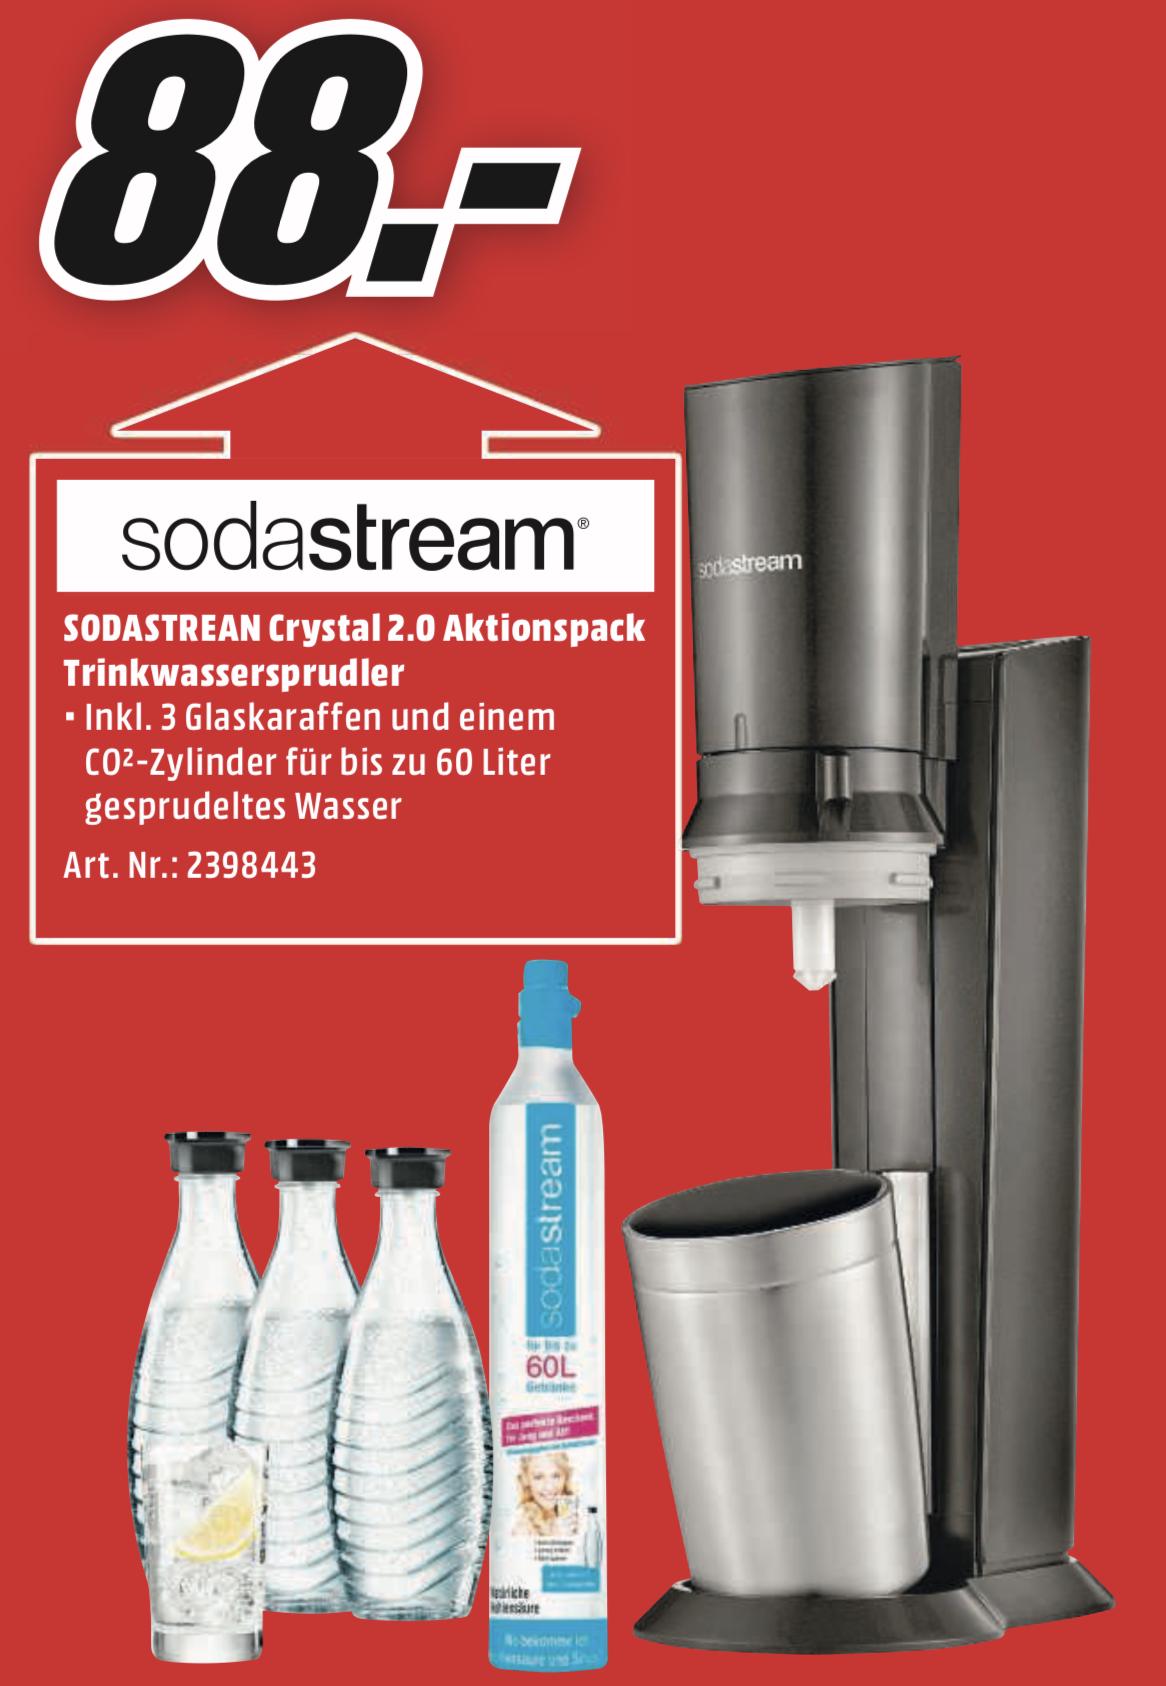 Lokal MM Konstanz: SODASTREAM Crystal 2.0 Wassersprudler inkl. 3 Glaskaraffen für 88€ - nur am Sonntag